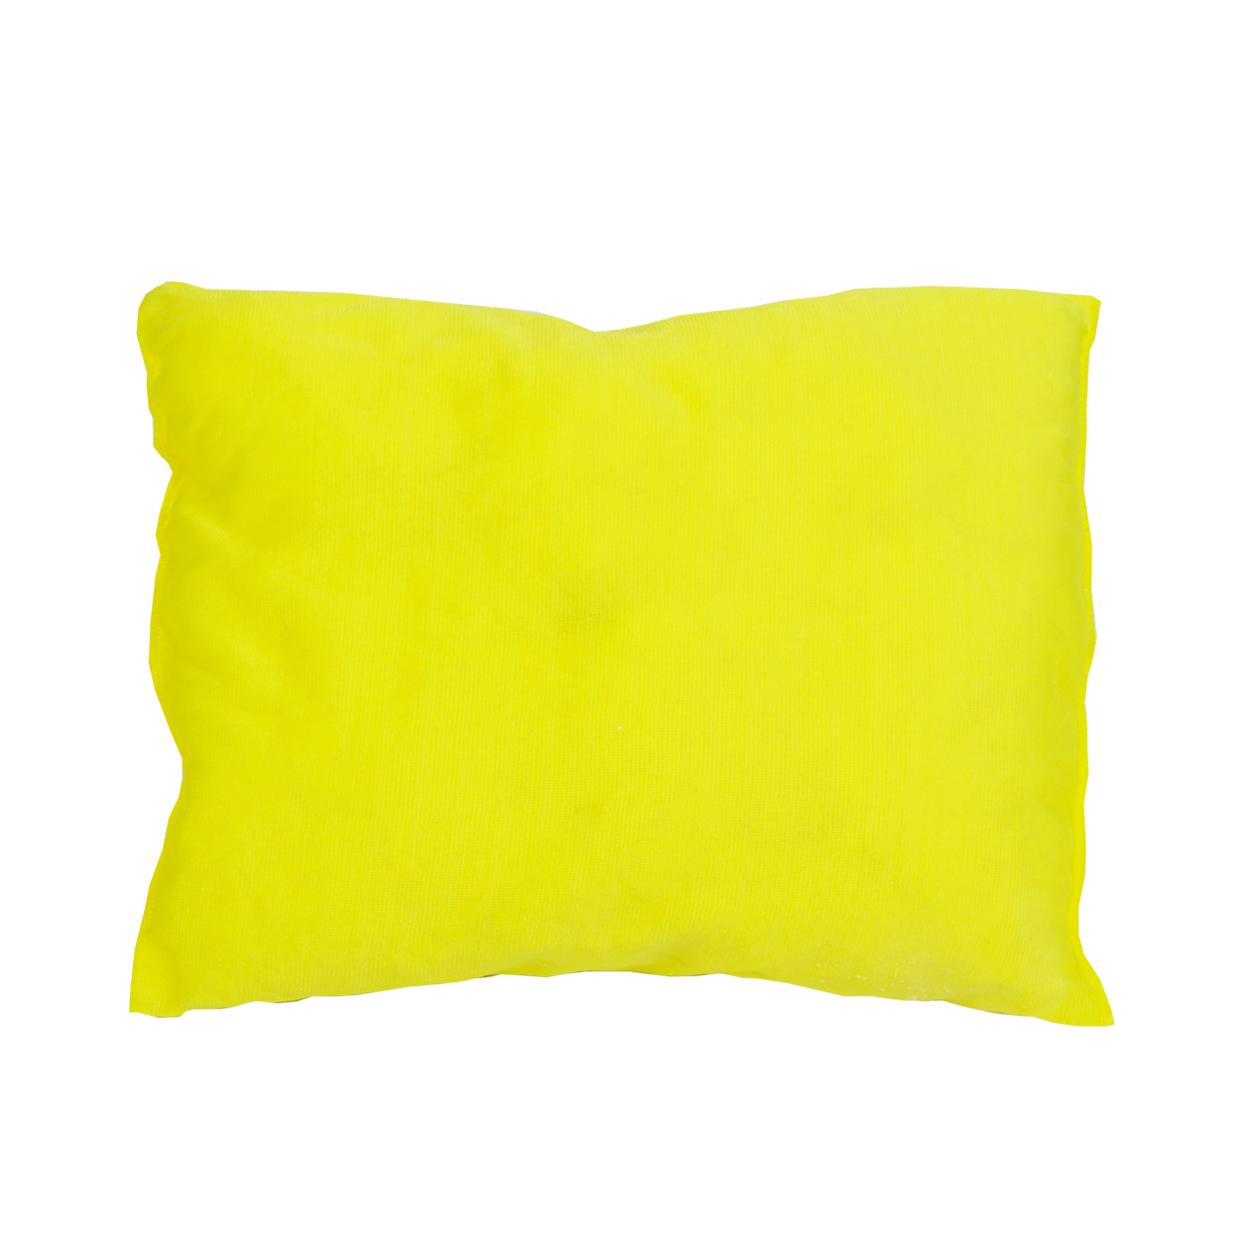 Chemický sorpční polštář